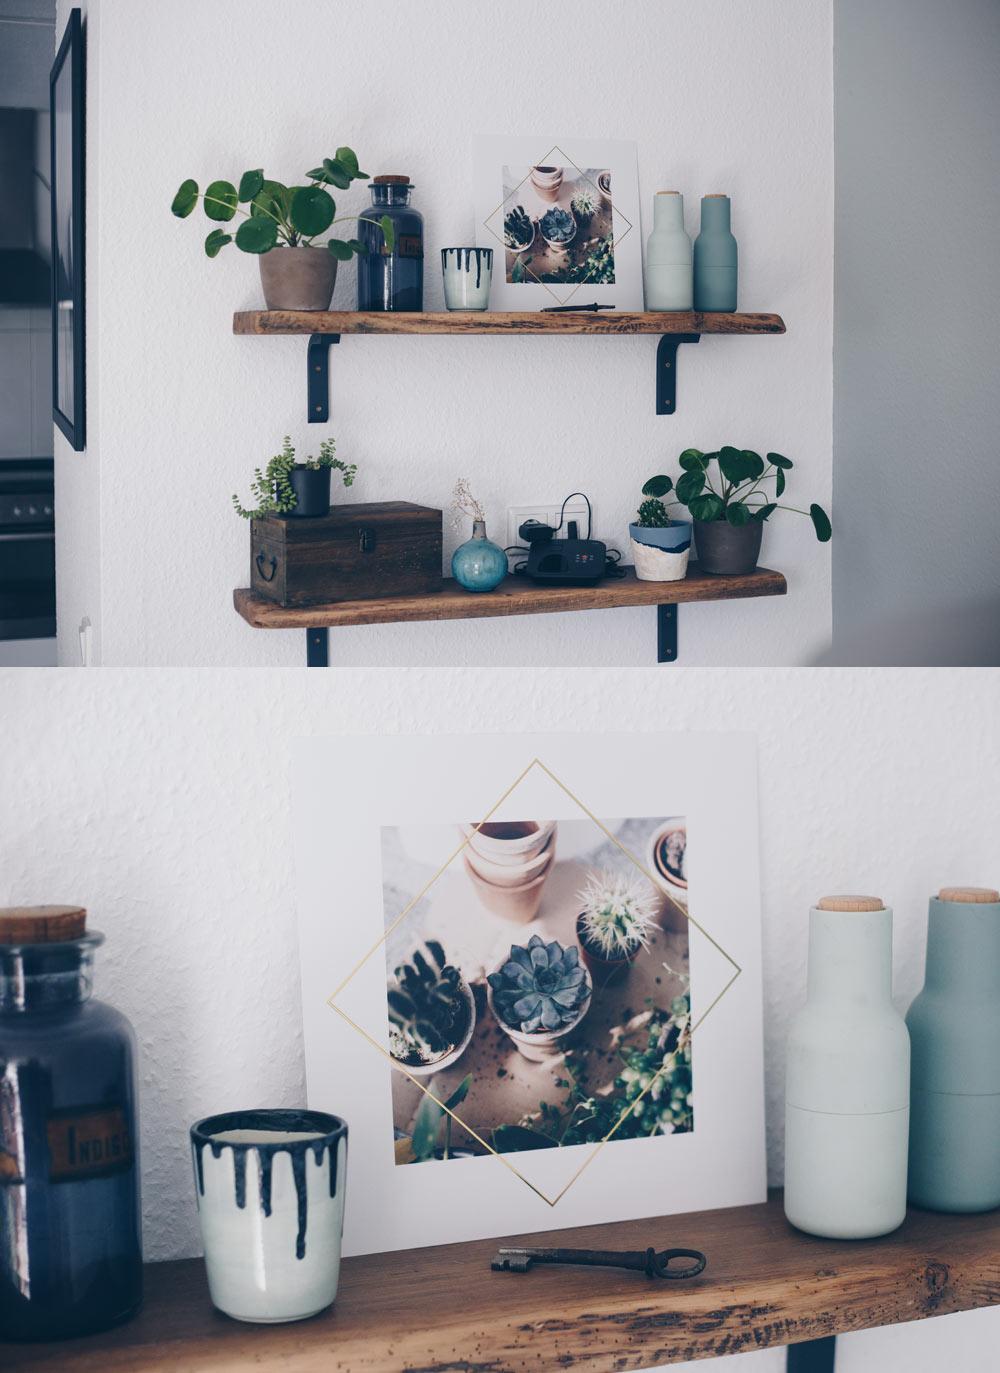 Wandbilder mit Pflanzen als Deko-Element nutzen - Sukkulenten und Gold